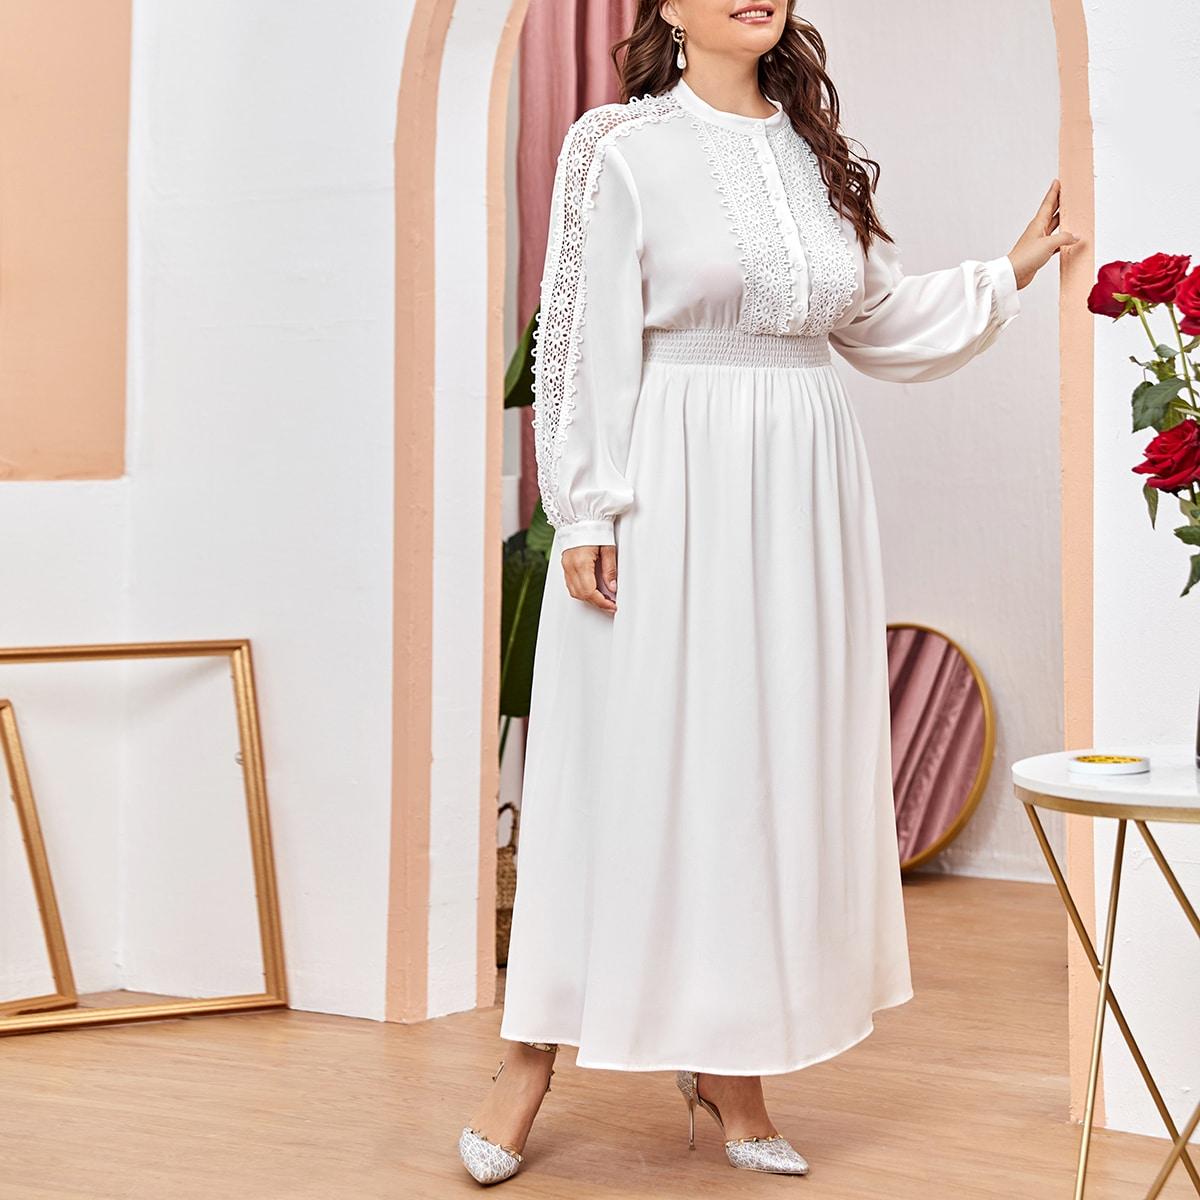 Контрастные кружева Одноцветный Элегантный Платья размер плюс